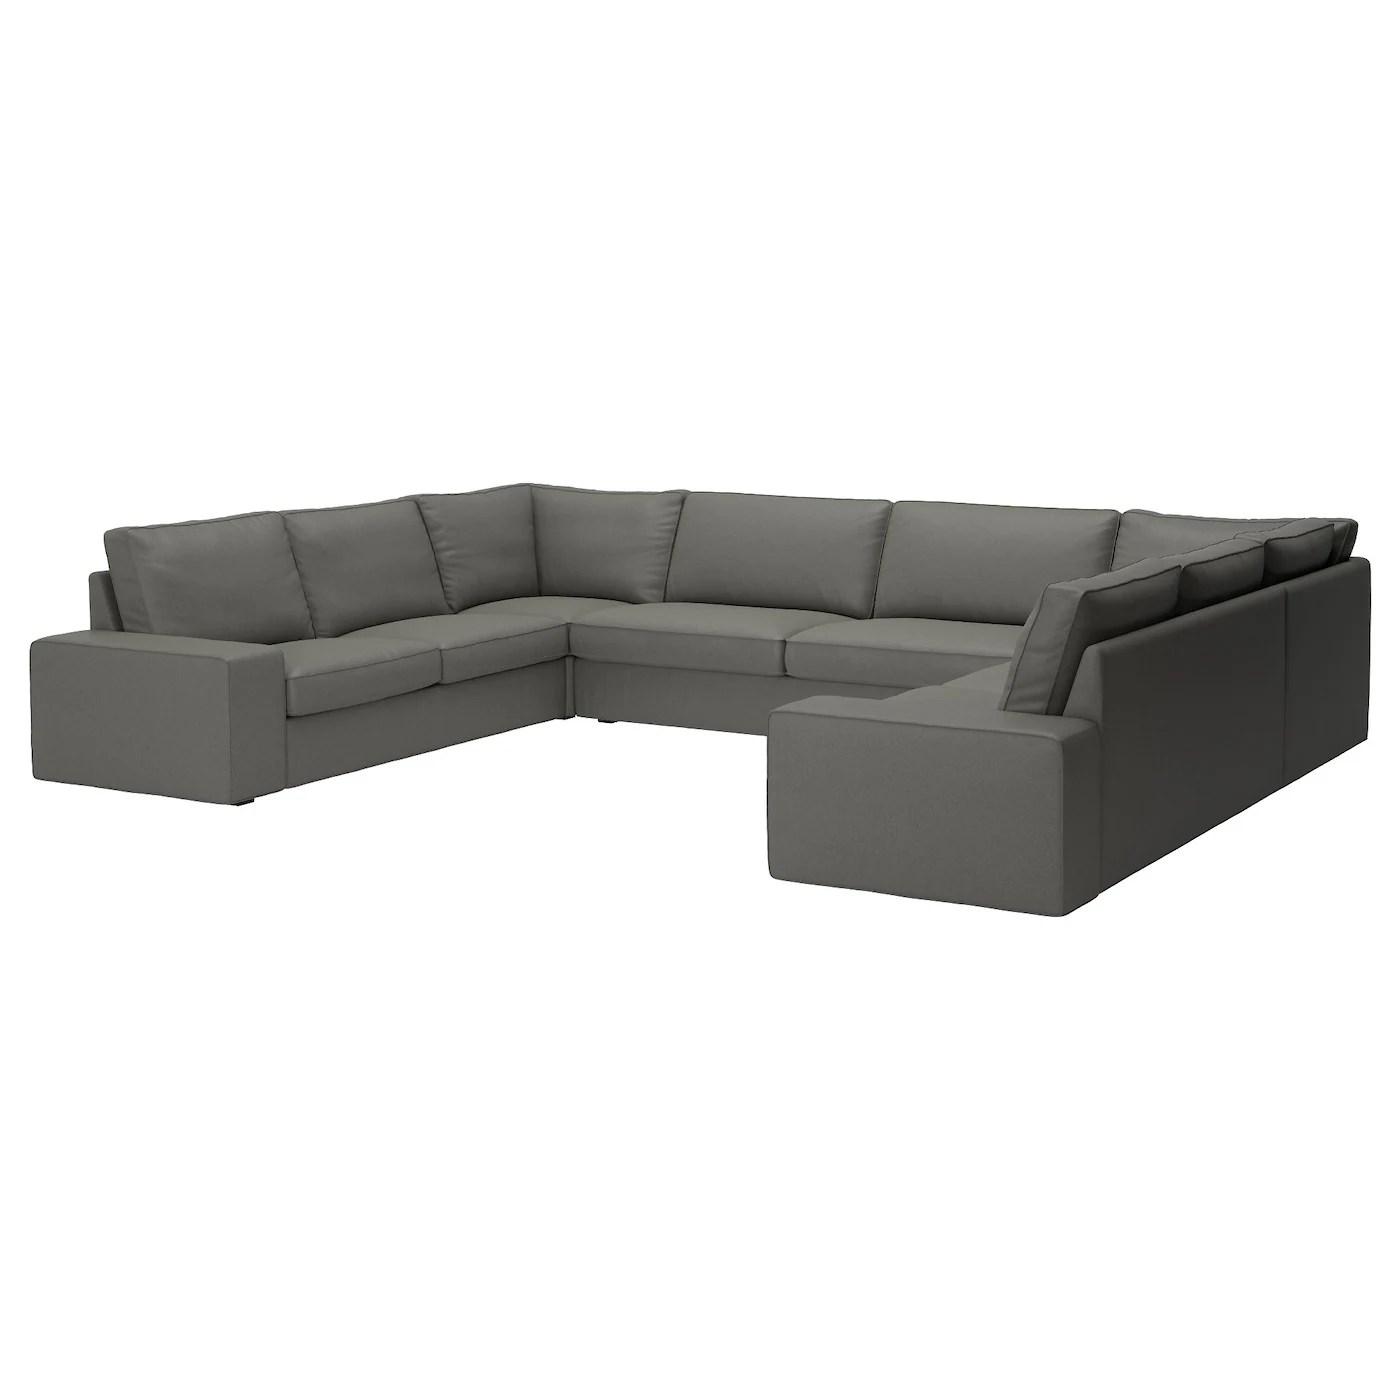 modular sofas ireland plush think brisbane and sectional ikea